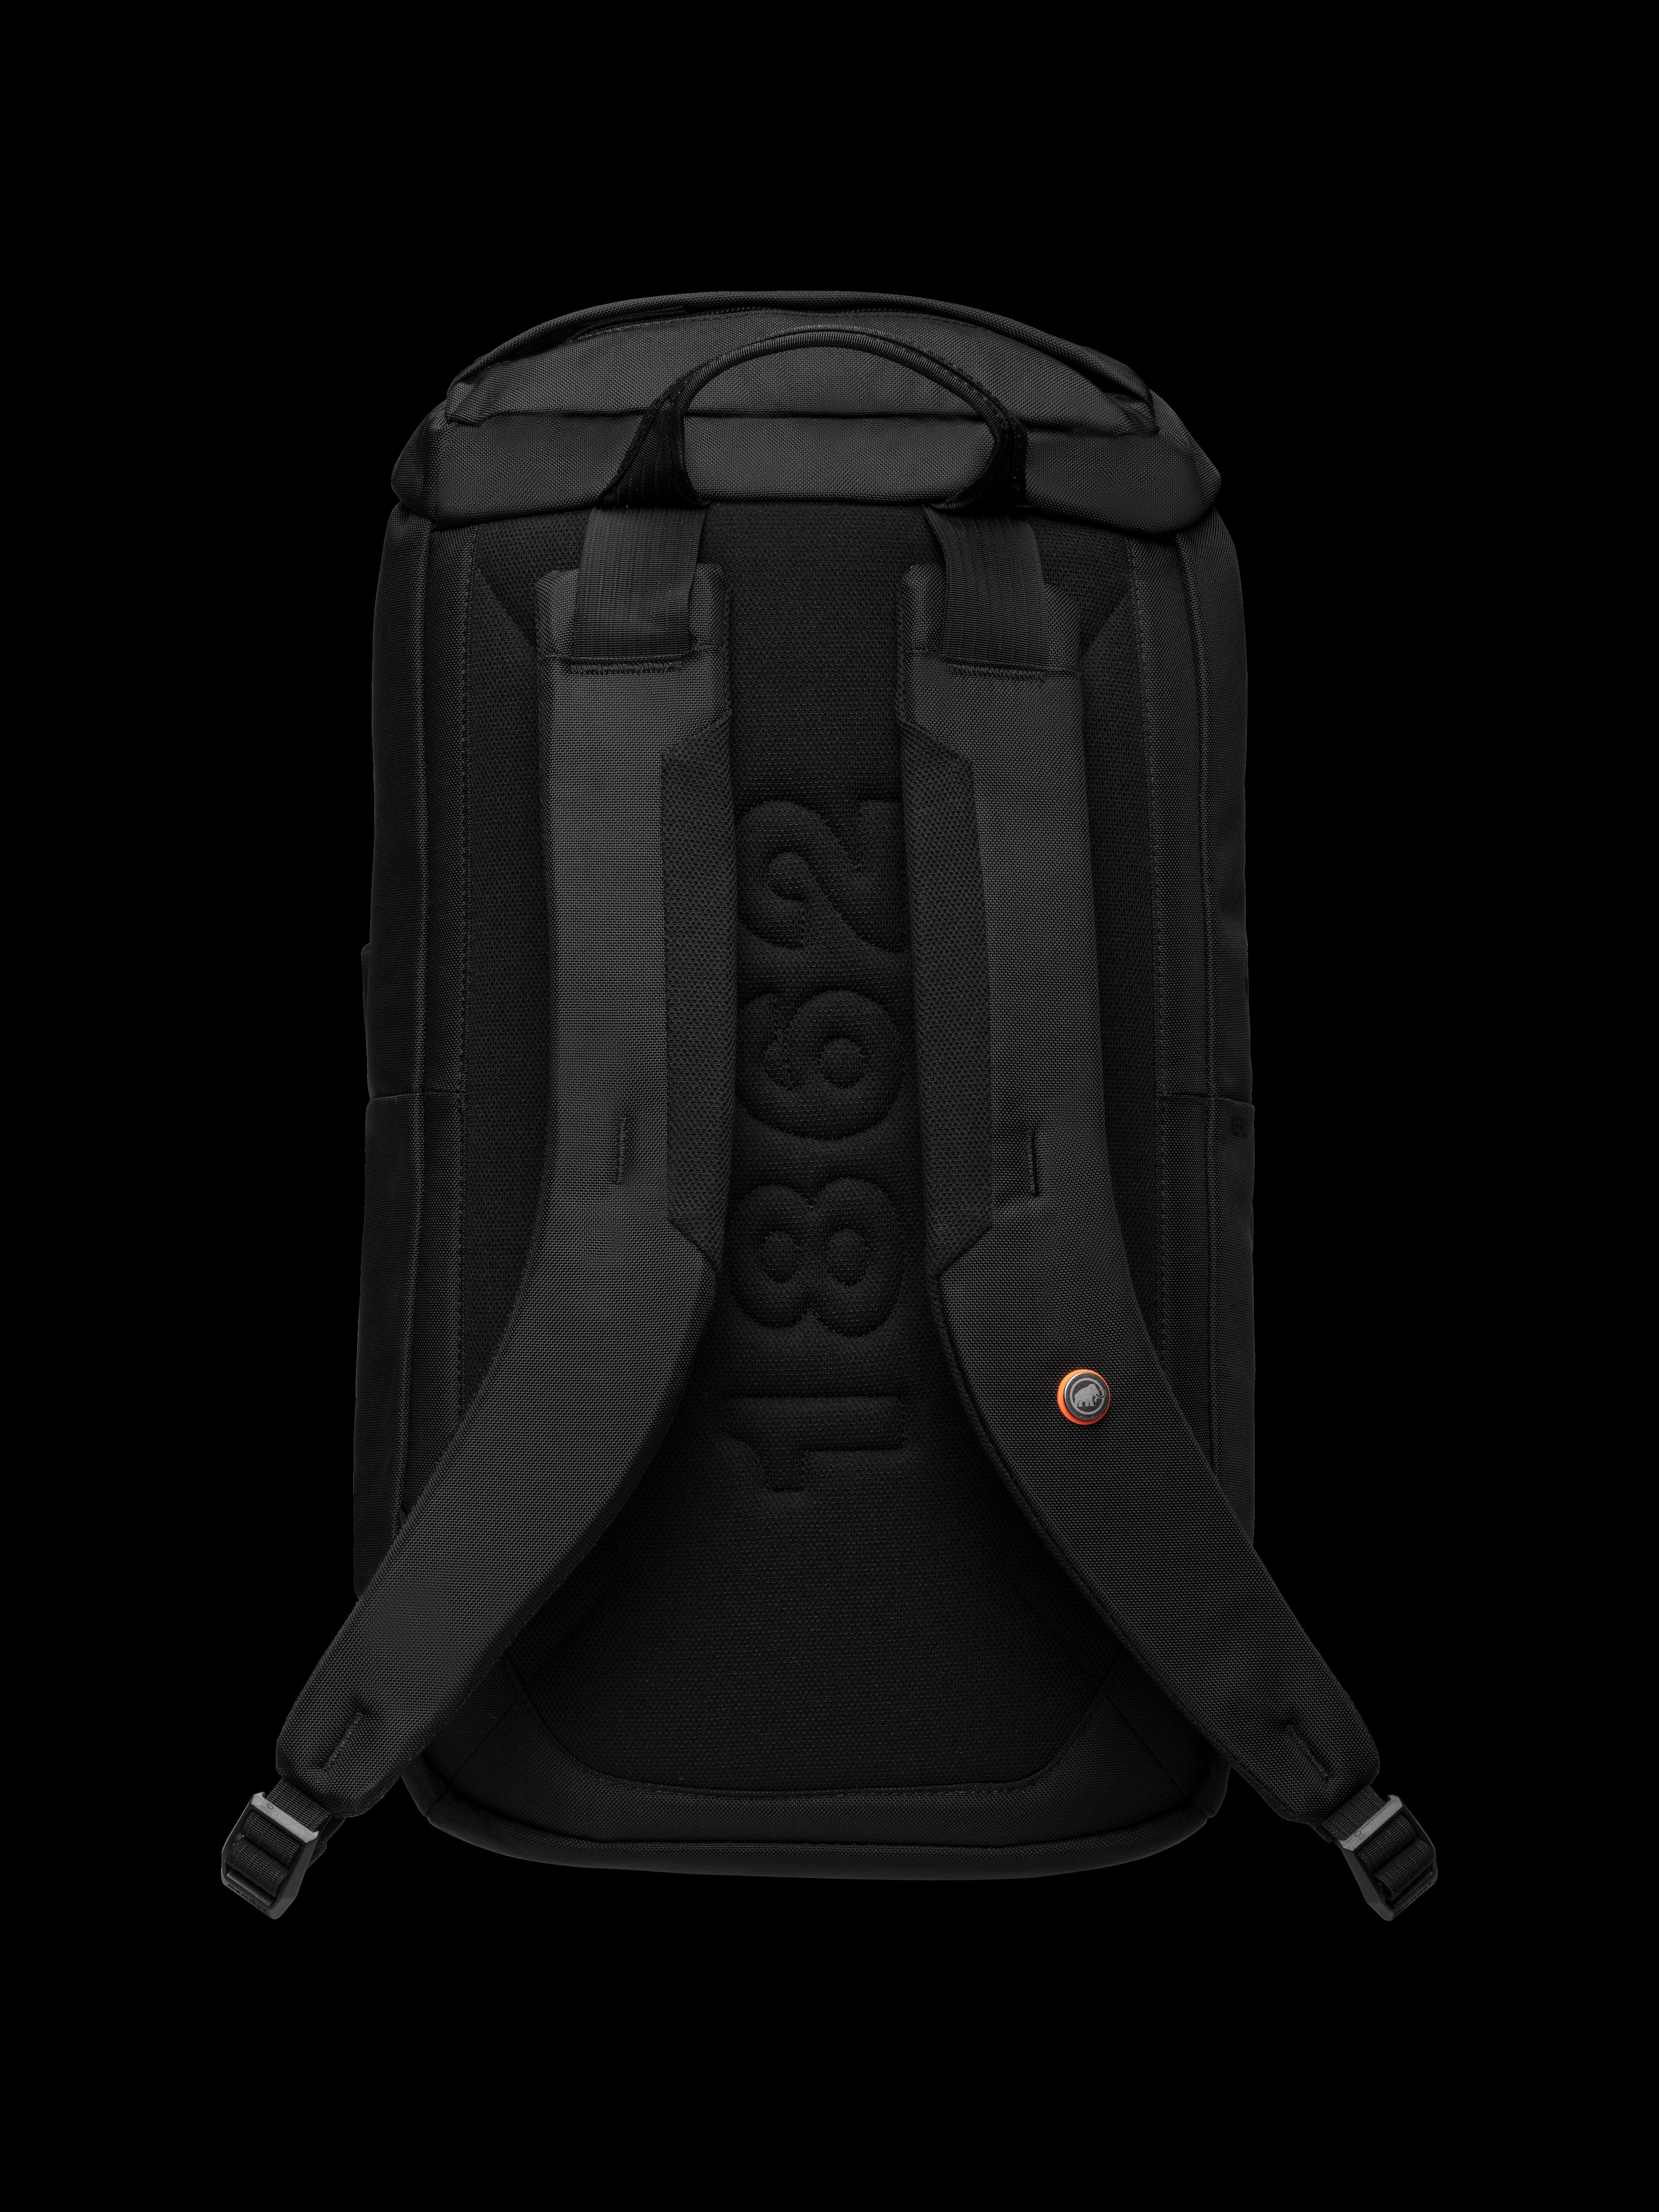 Xeron 30 product image